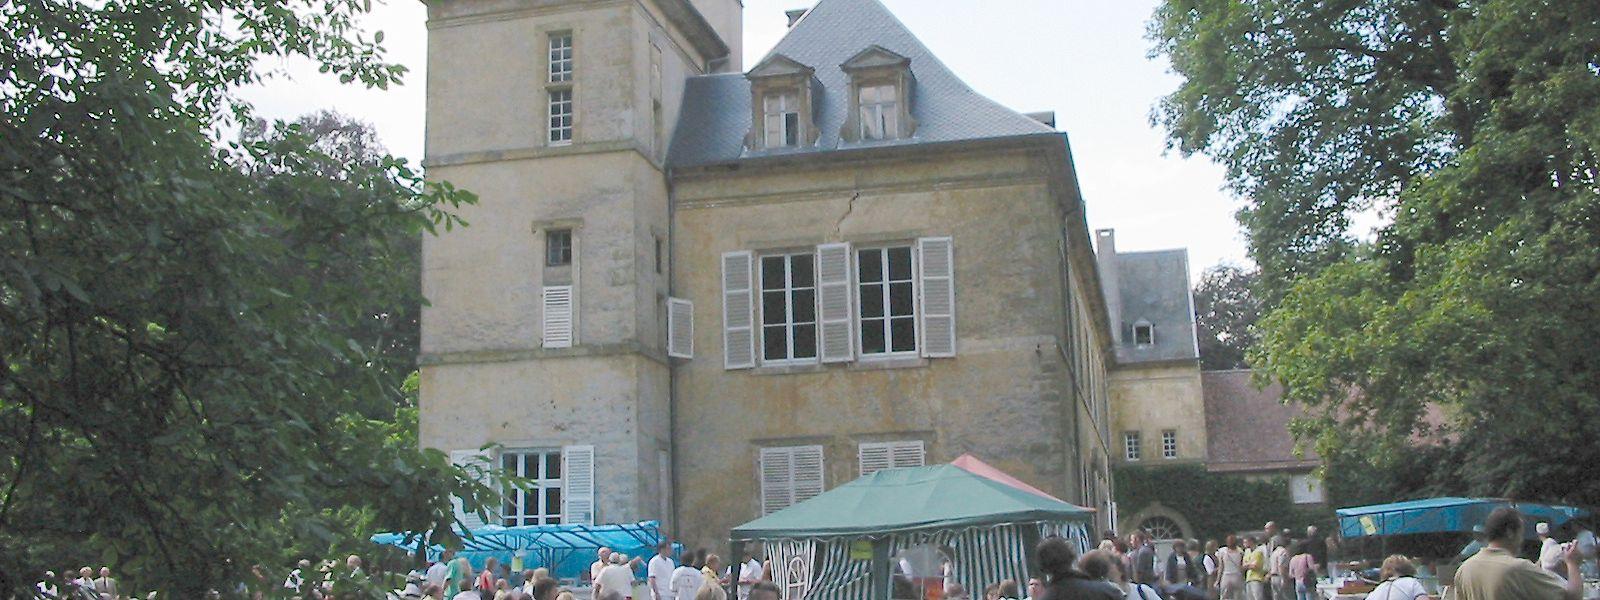 Juste à la frontière entre Moselle et Grand-Duché, Preisch fait partie des sites bien connus des Luxembourgeois.